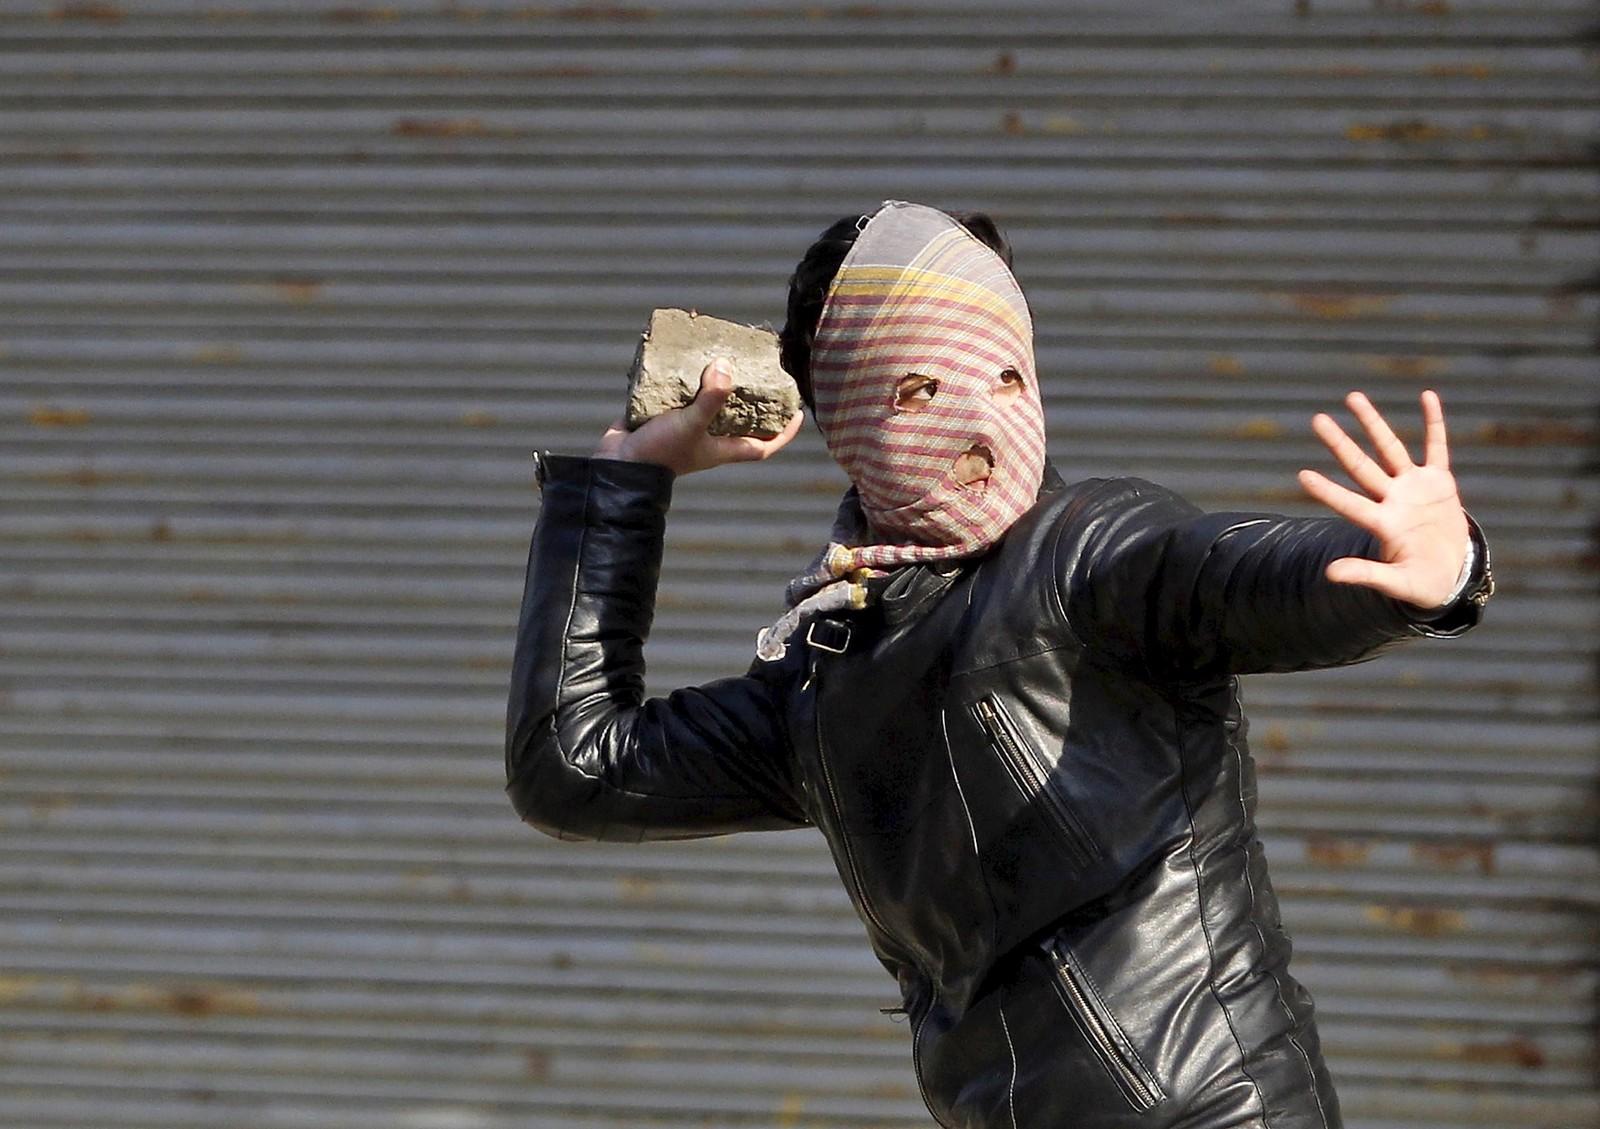 En maskert person kaster stein mot politiet under en demonstrasjon i den indiske byen Srinagar.